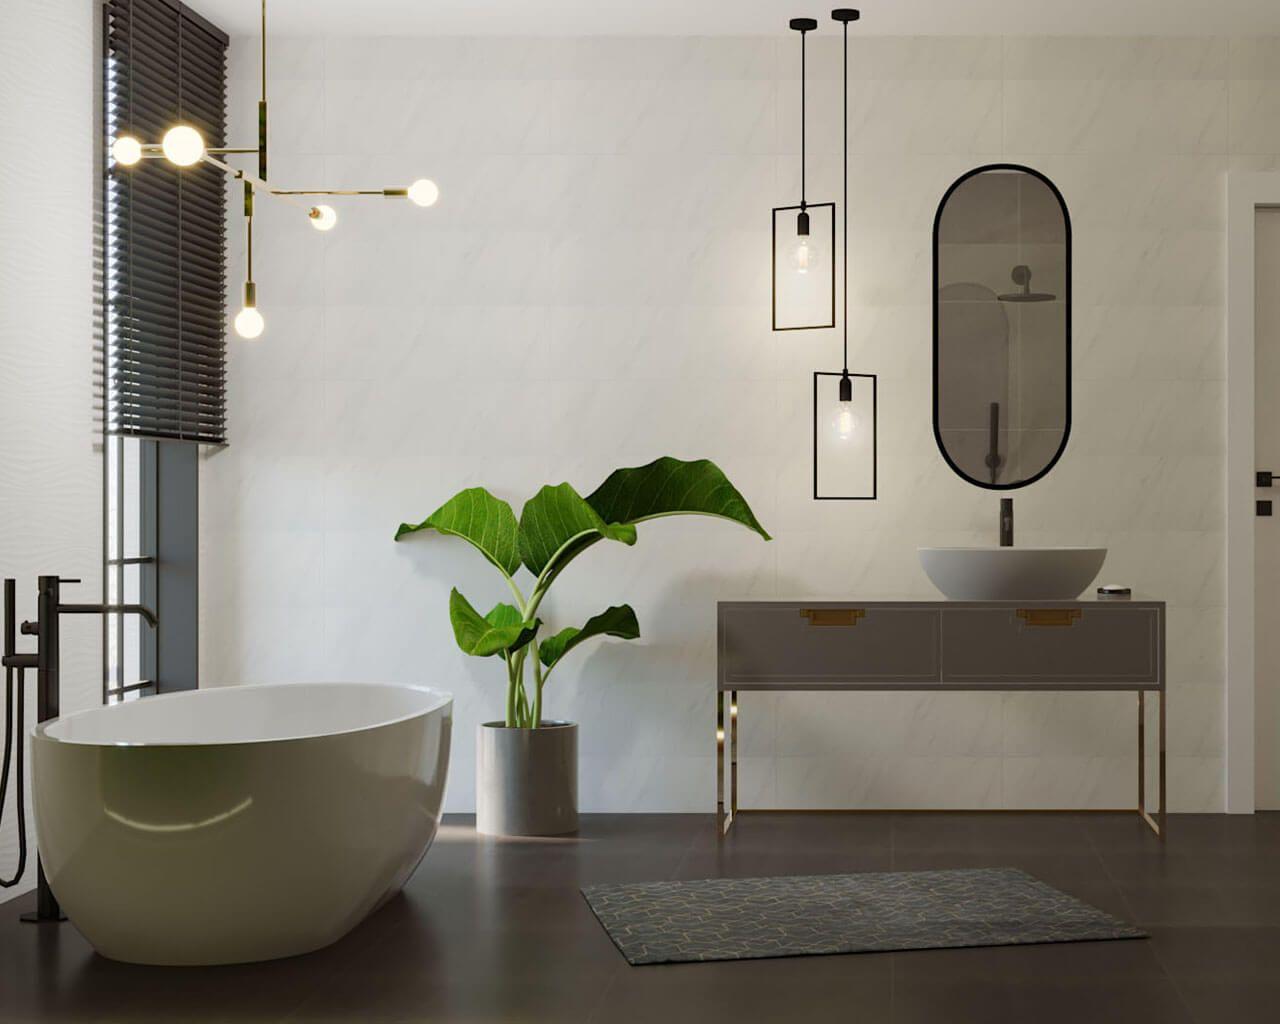 Geräumiges, helles Badezimmer: Minimalismus + Art Deco  Ceramika